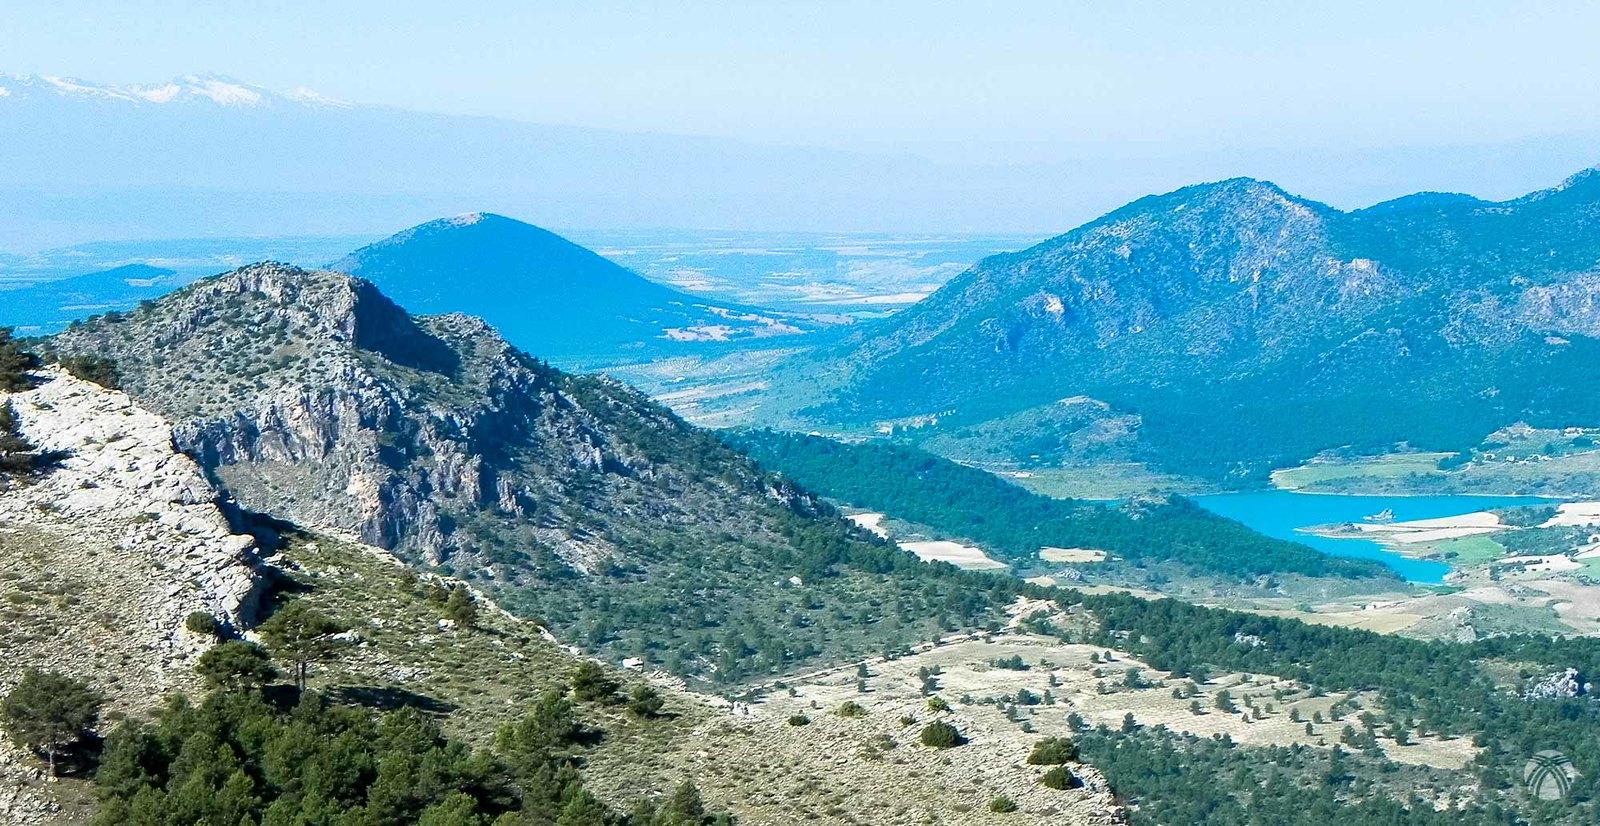 Vistas hacia el sur: embalse de San Clemente y Sierra Nevada al fondo